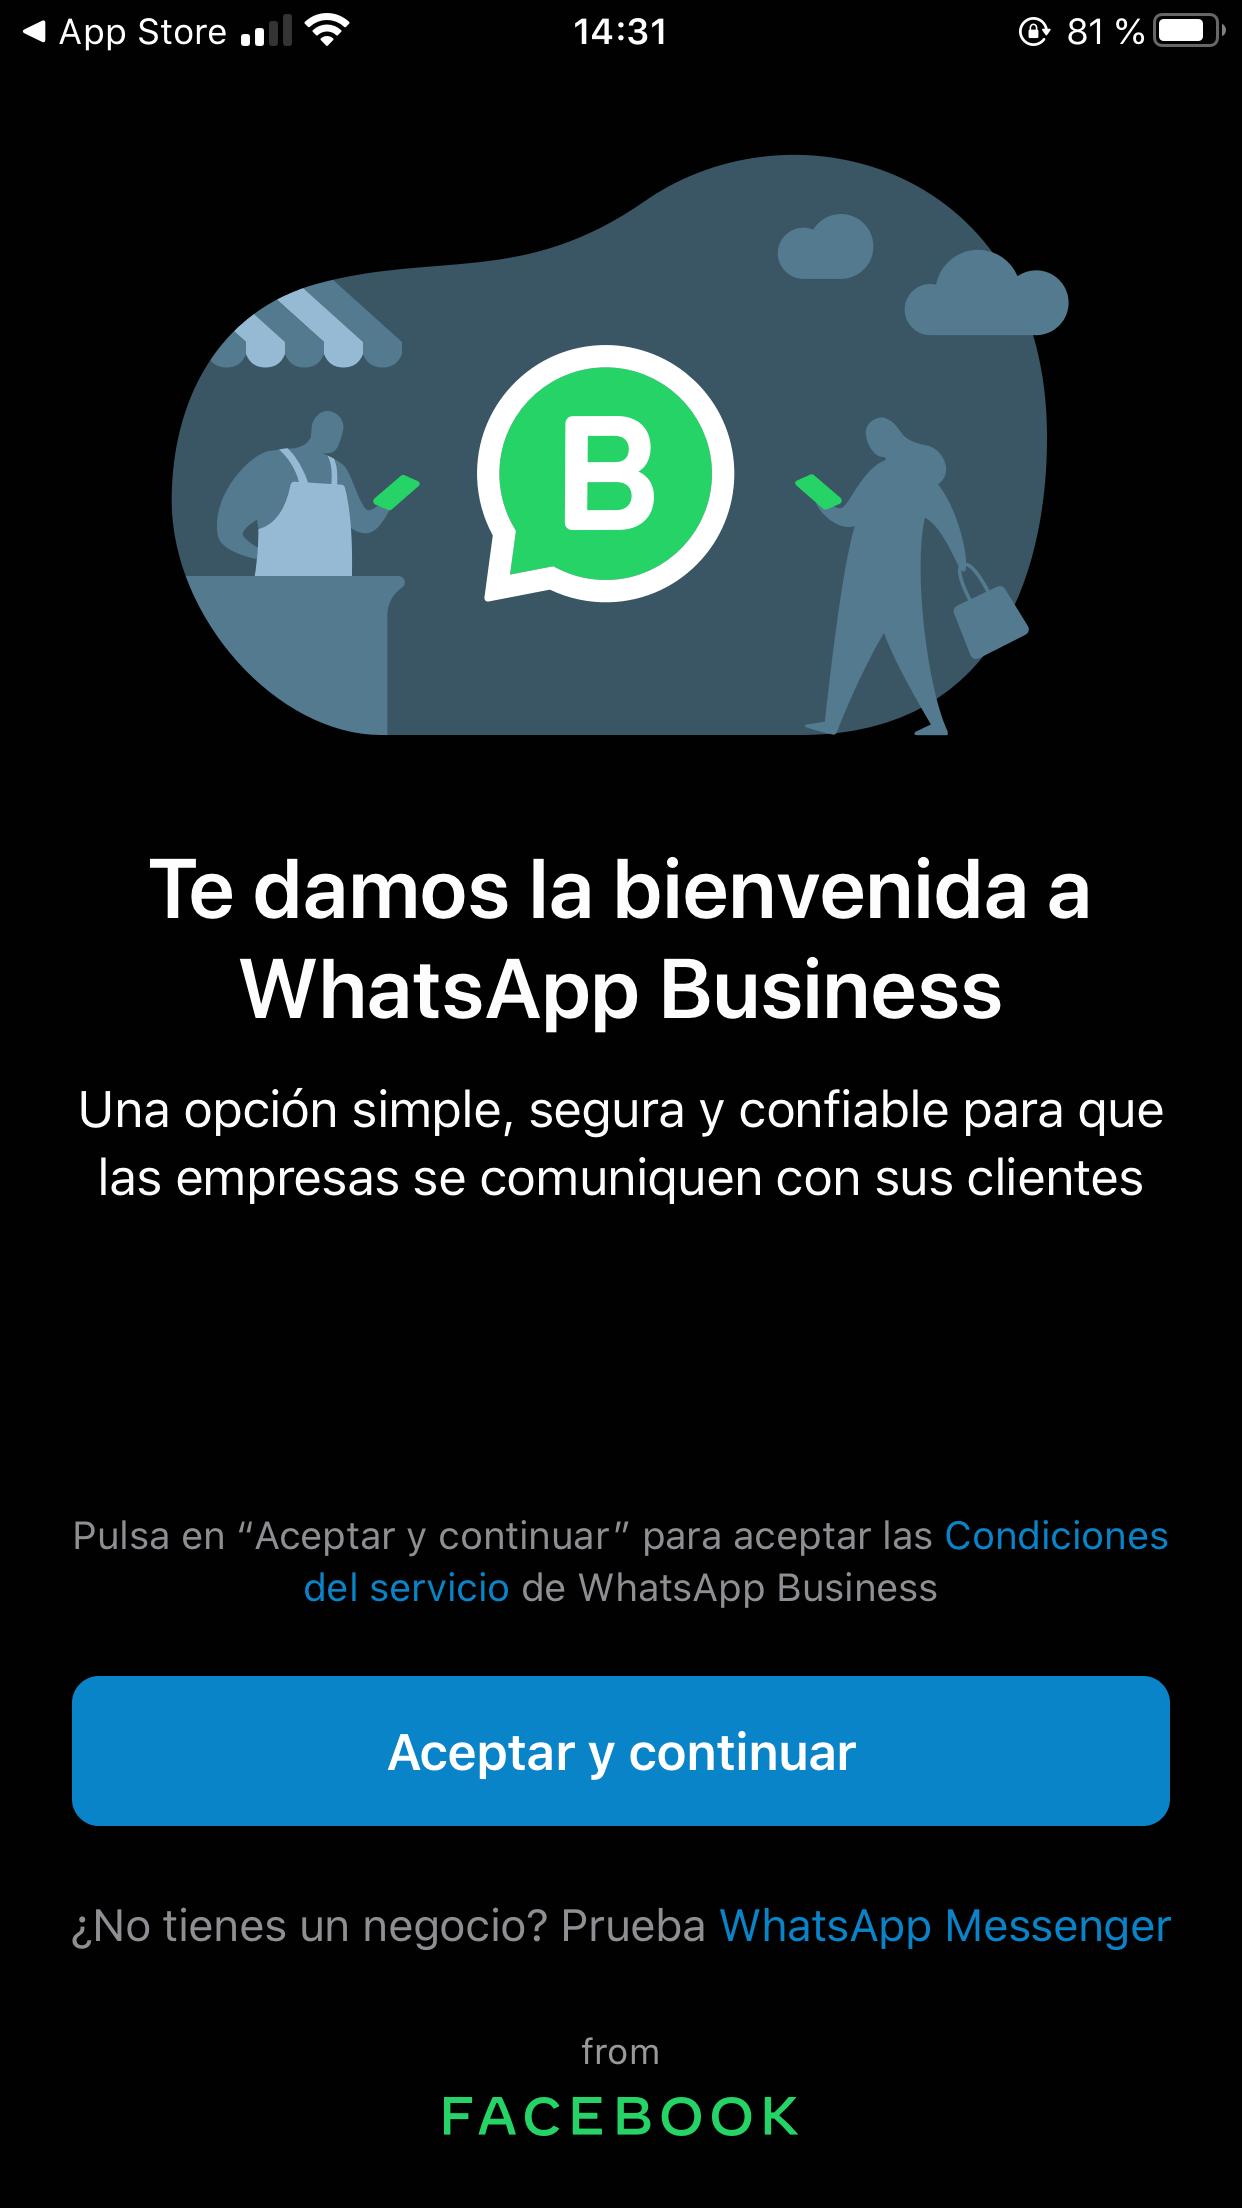 Cómo programar respuestas en iOS: descarga WhatsApp Business